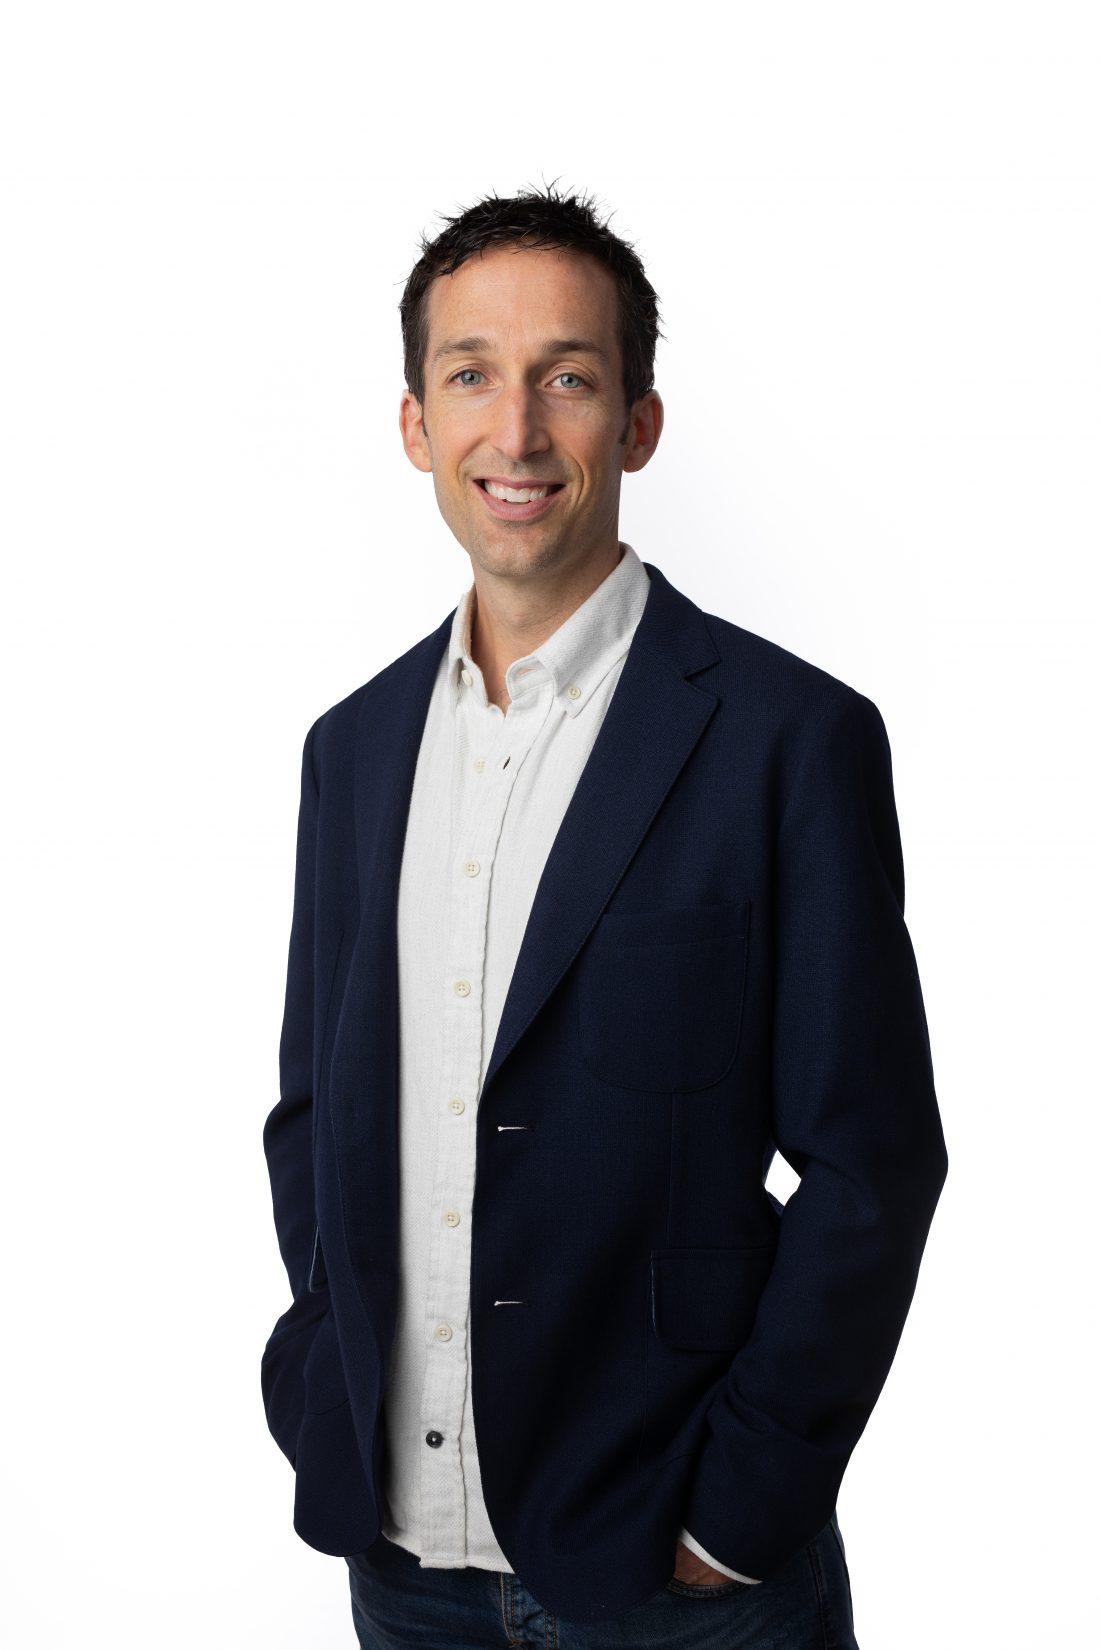 Christiaan Vorkink of True Ventures